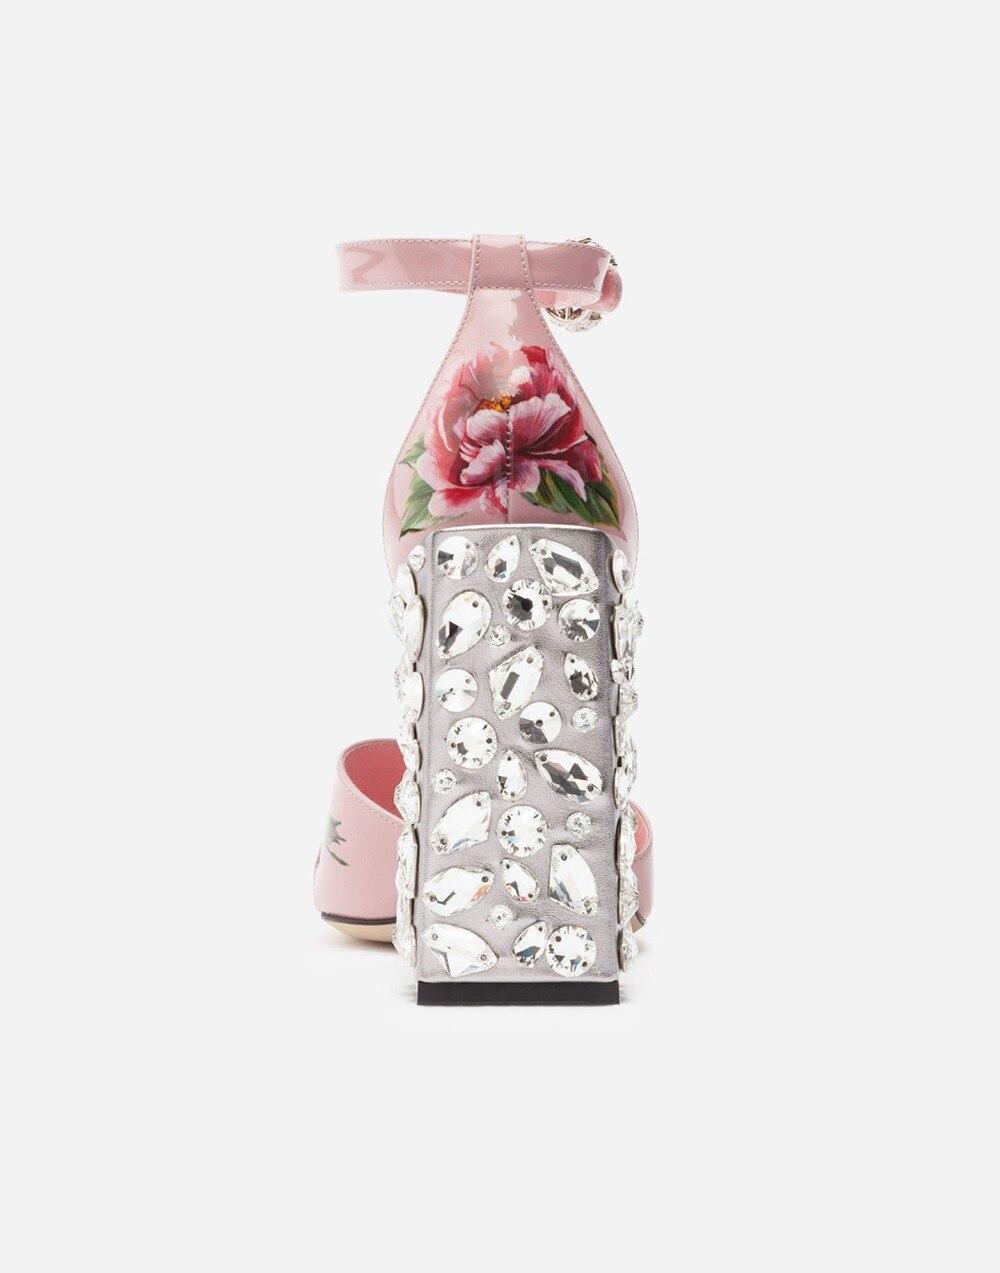 Nouveau En Cristal Cuir Rose Bandoulière Haut Talon Chunky Arrivent Sandale Toe Peep Fleur Femme HTKrHSy